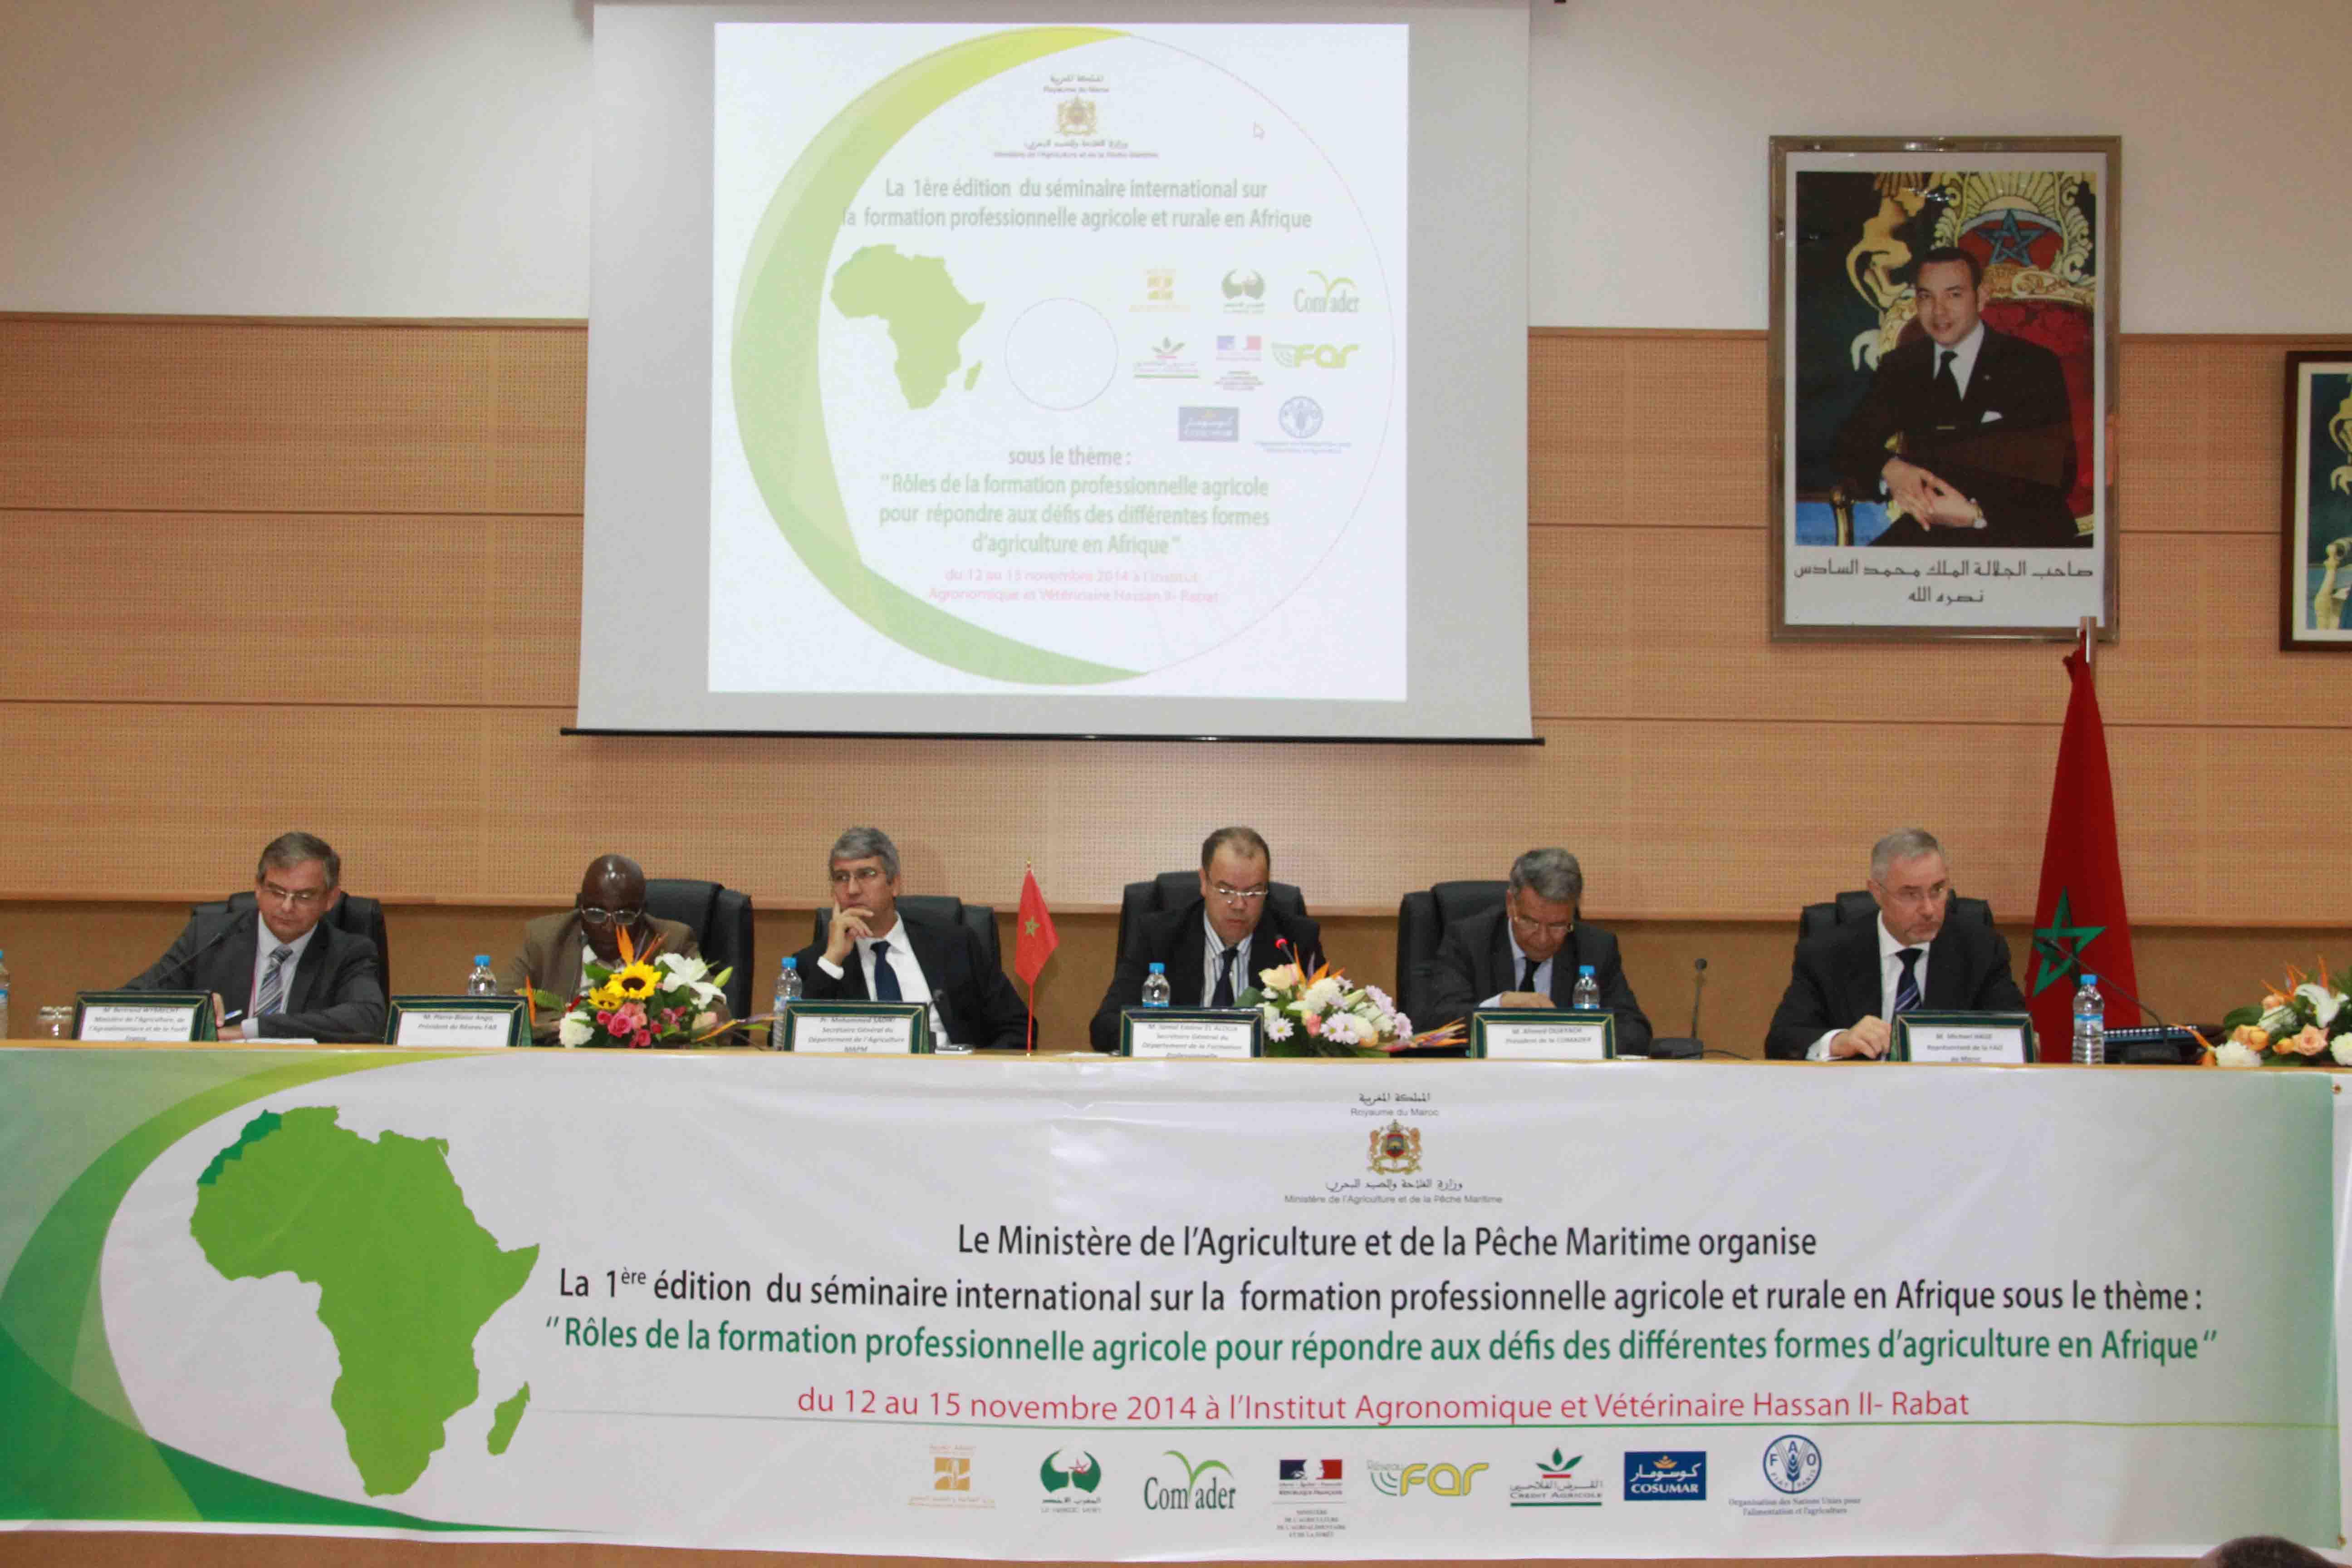 روبورتاج حول افتتاح الدورة الأولى للندوة الدولية حول التكوين المهني الفلاحي والقروي في إفريقيا